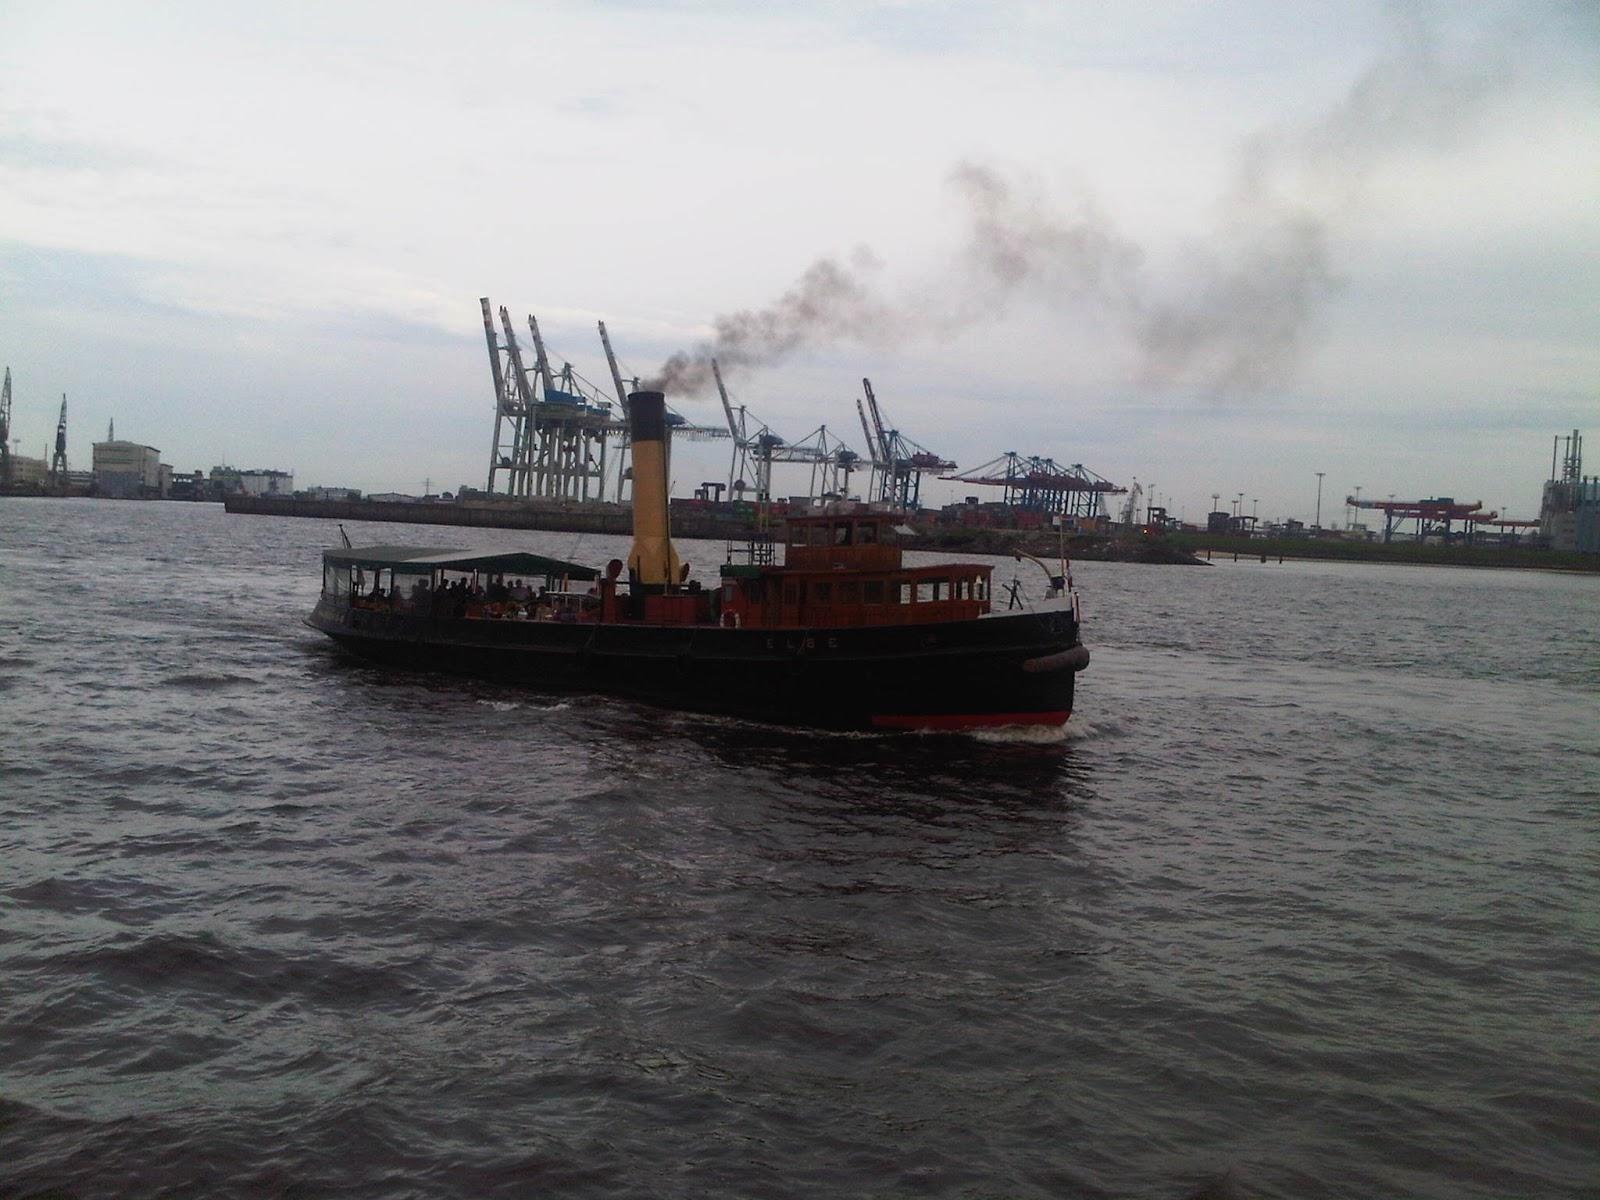 Dampfschiff Elbe im Hamburger Hafen, Schwarzer Rauch aus Schornstein, Kräne im Hintergrund, Wasser